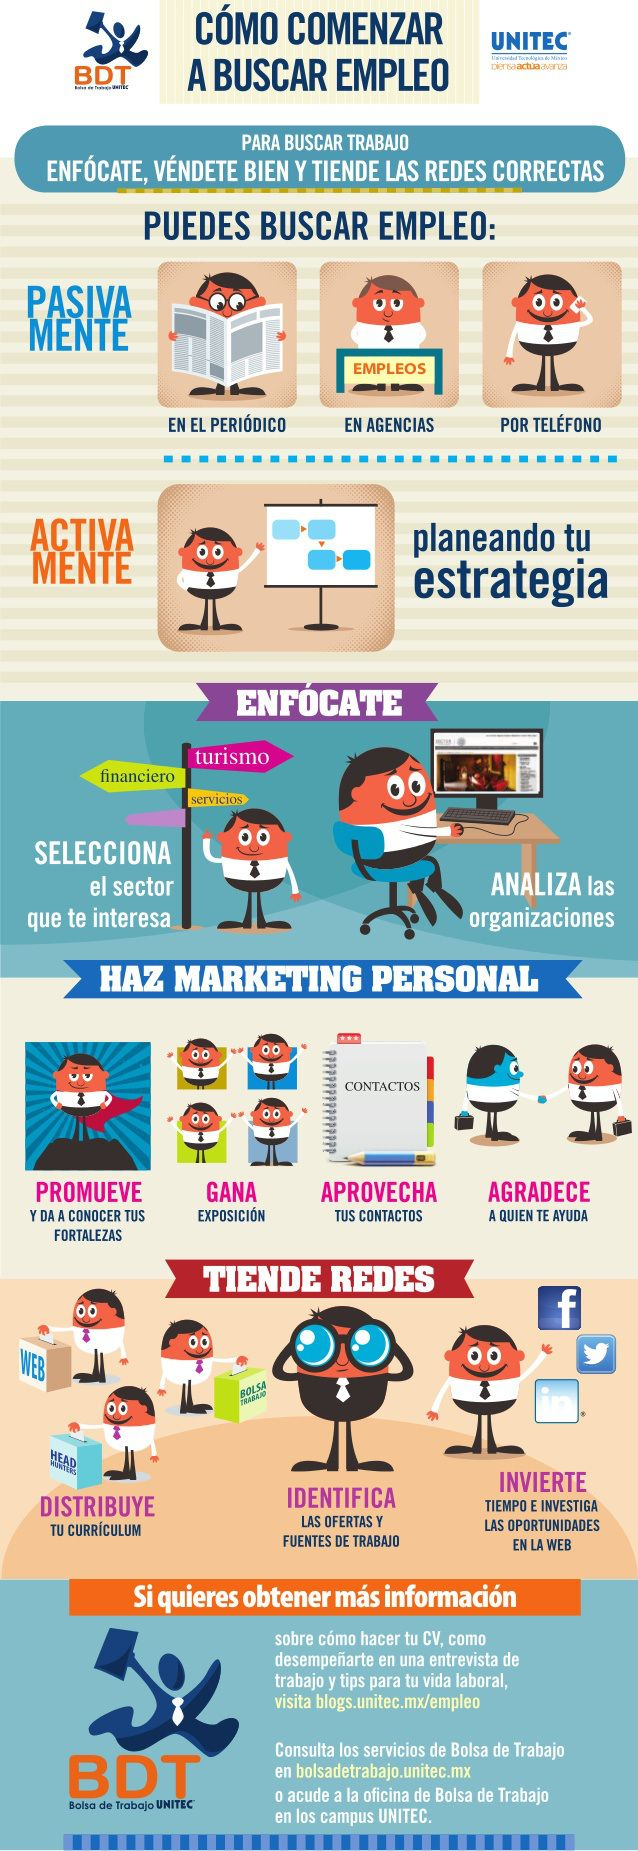 Cómo comenzar a buscar trabajo #infografia